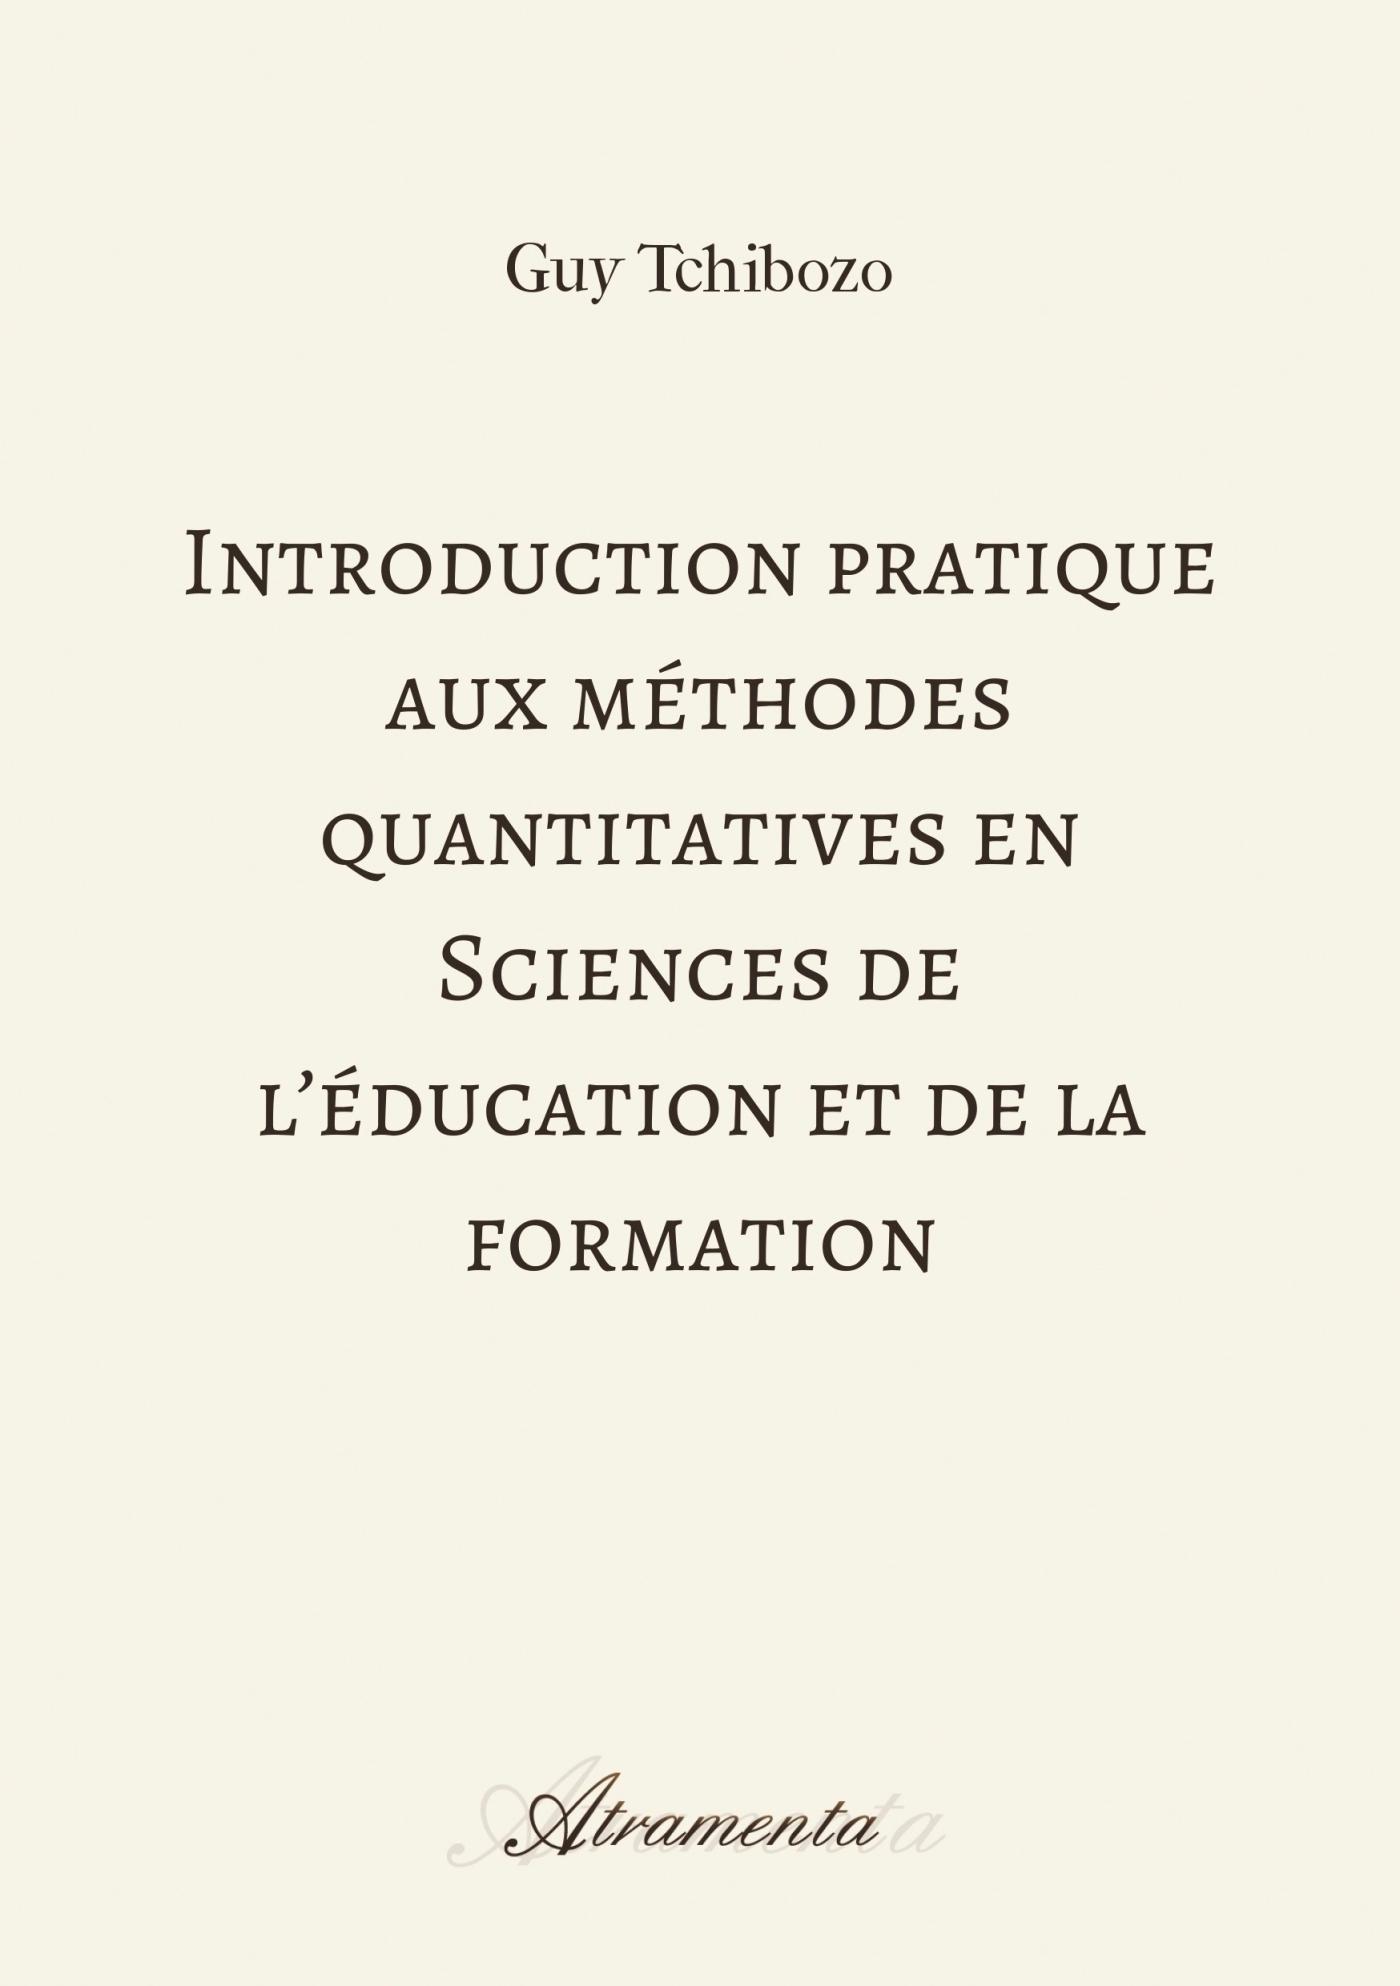 INTRODUCTION PRATIQUE AUX METHODES QUANTITATIVES EN SCIENCES DE L'EDUCATION ET DE LA FORMATION